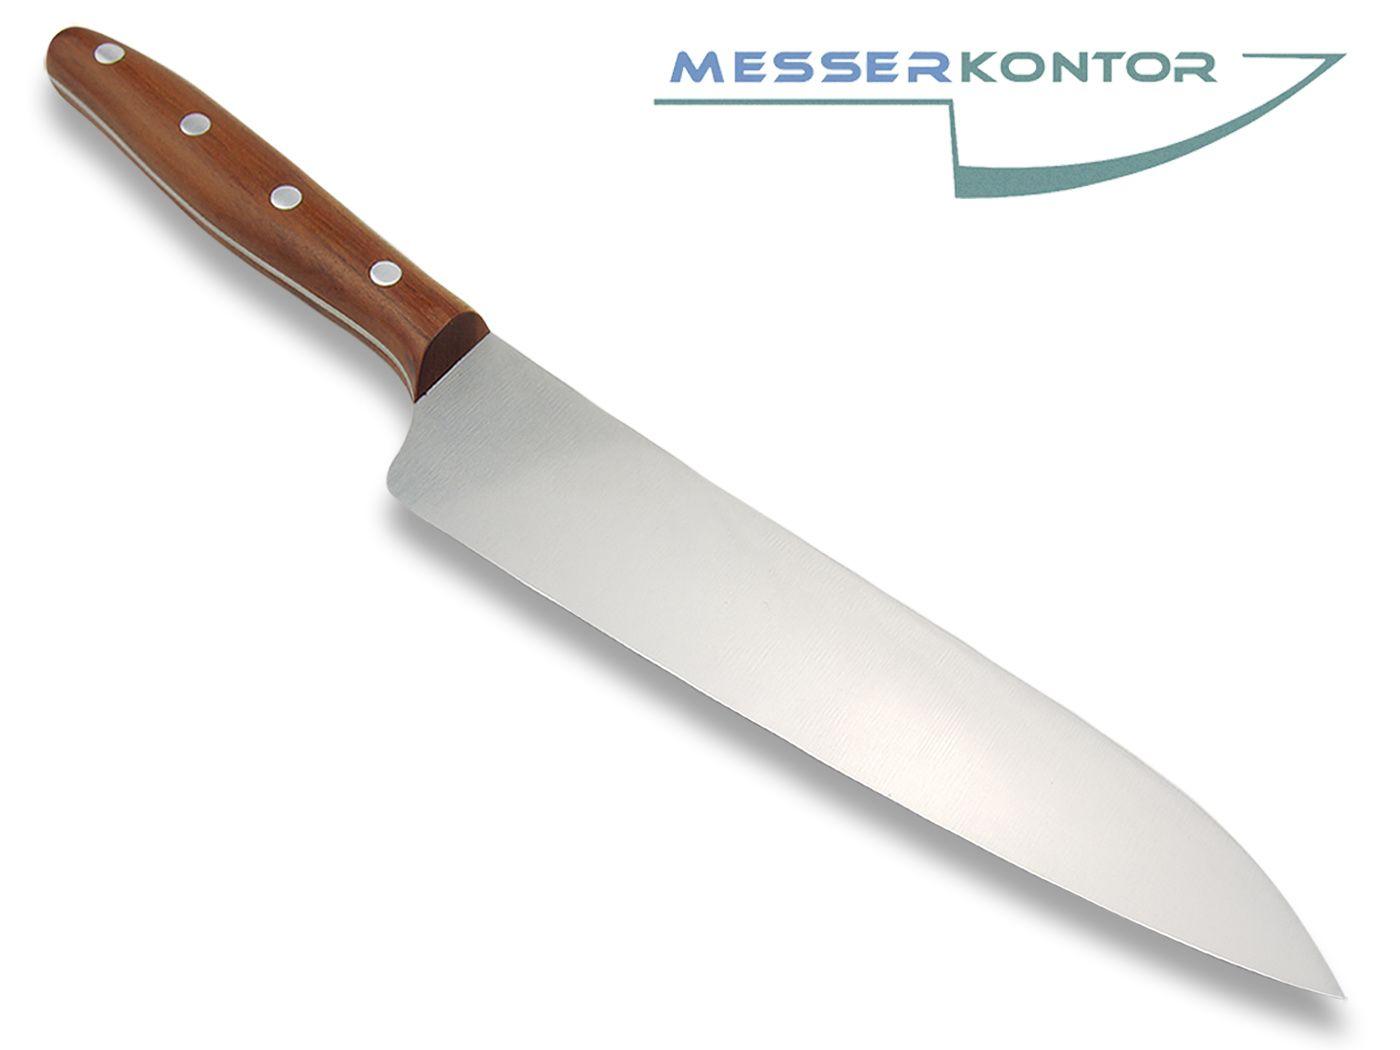 Herder K Chef Extra Grosses Kochmesser 22 5cm Nicht Rostfrei Pflaumenholzgriff Messerkontor